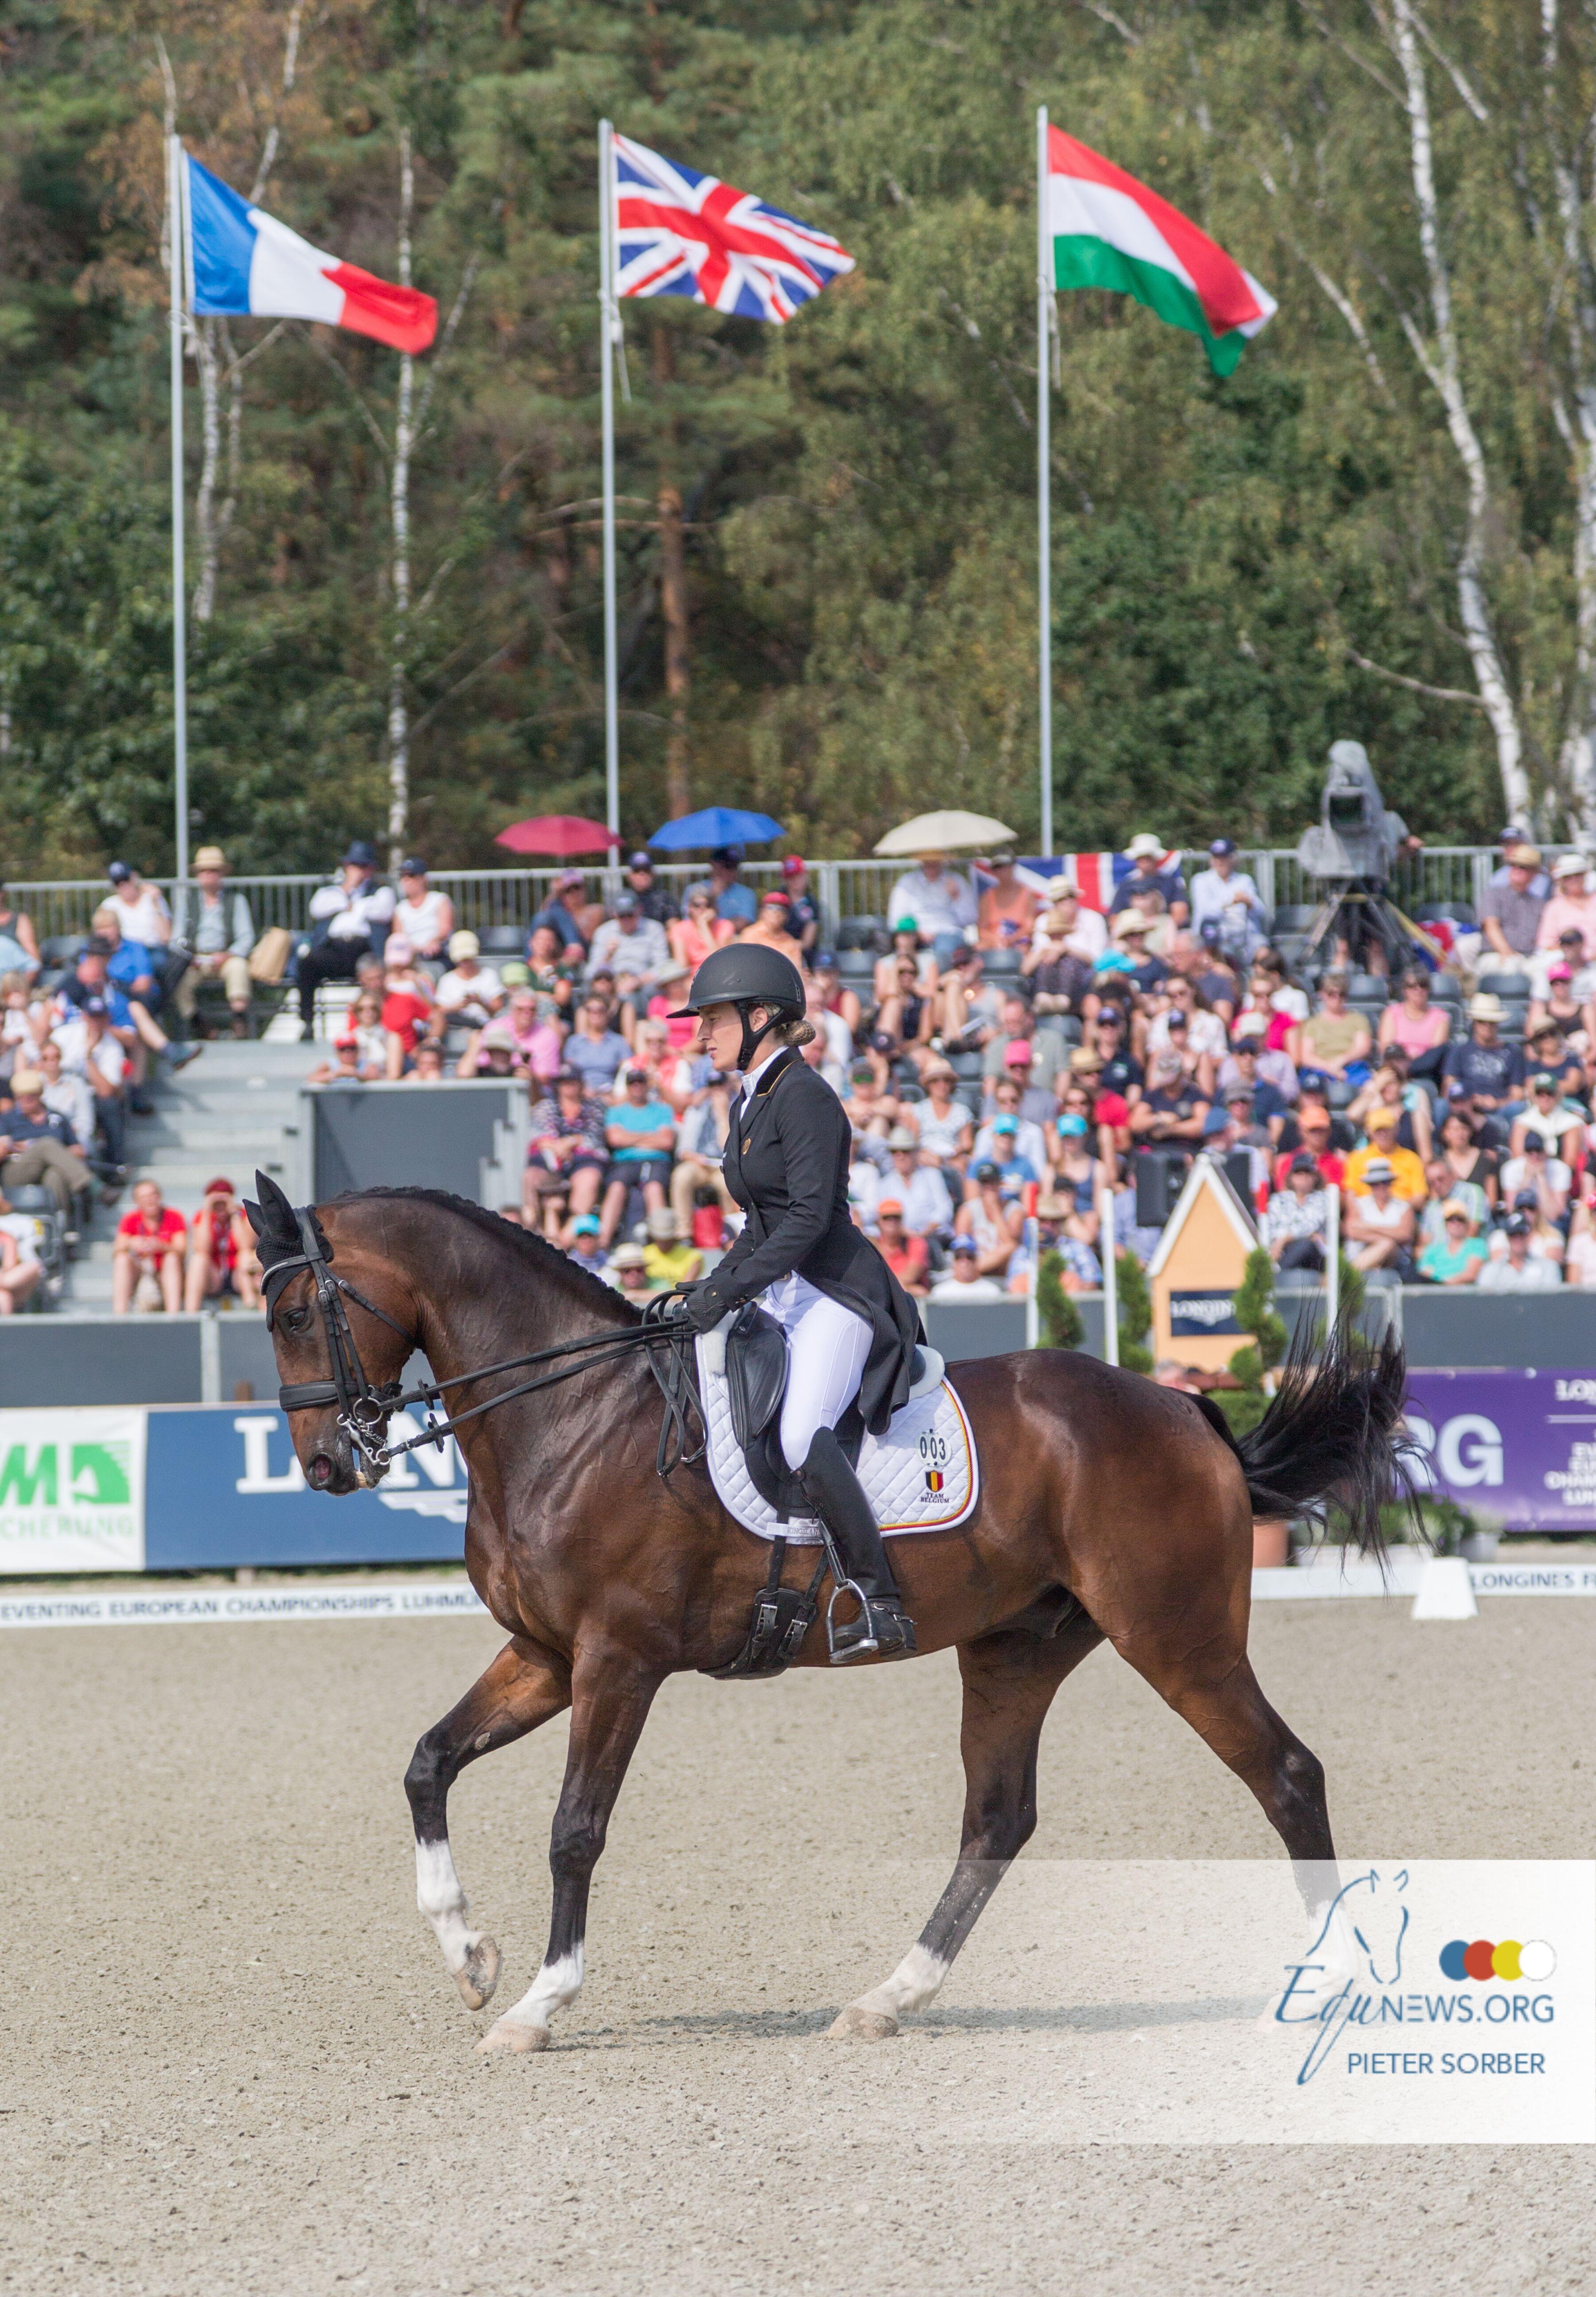 Sport belge de haut niveau aux championnats d'Europe de concours complet avec une troisième place provisoire au classement par équipes